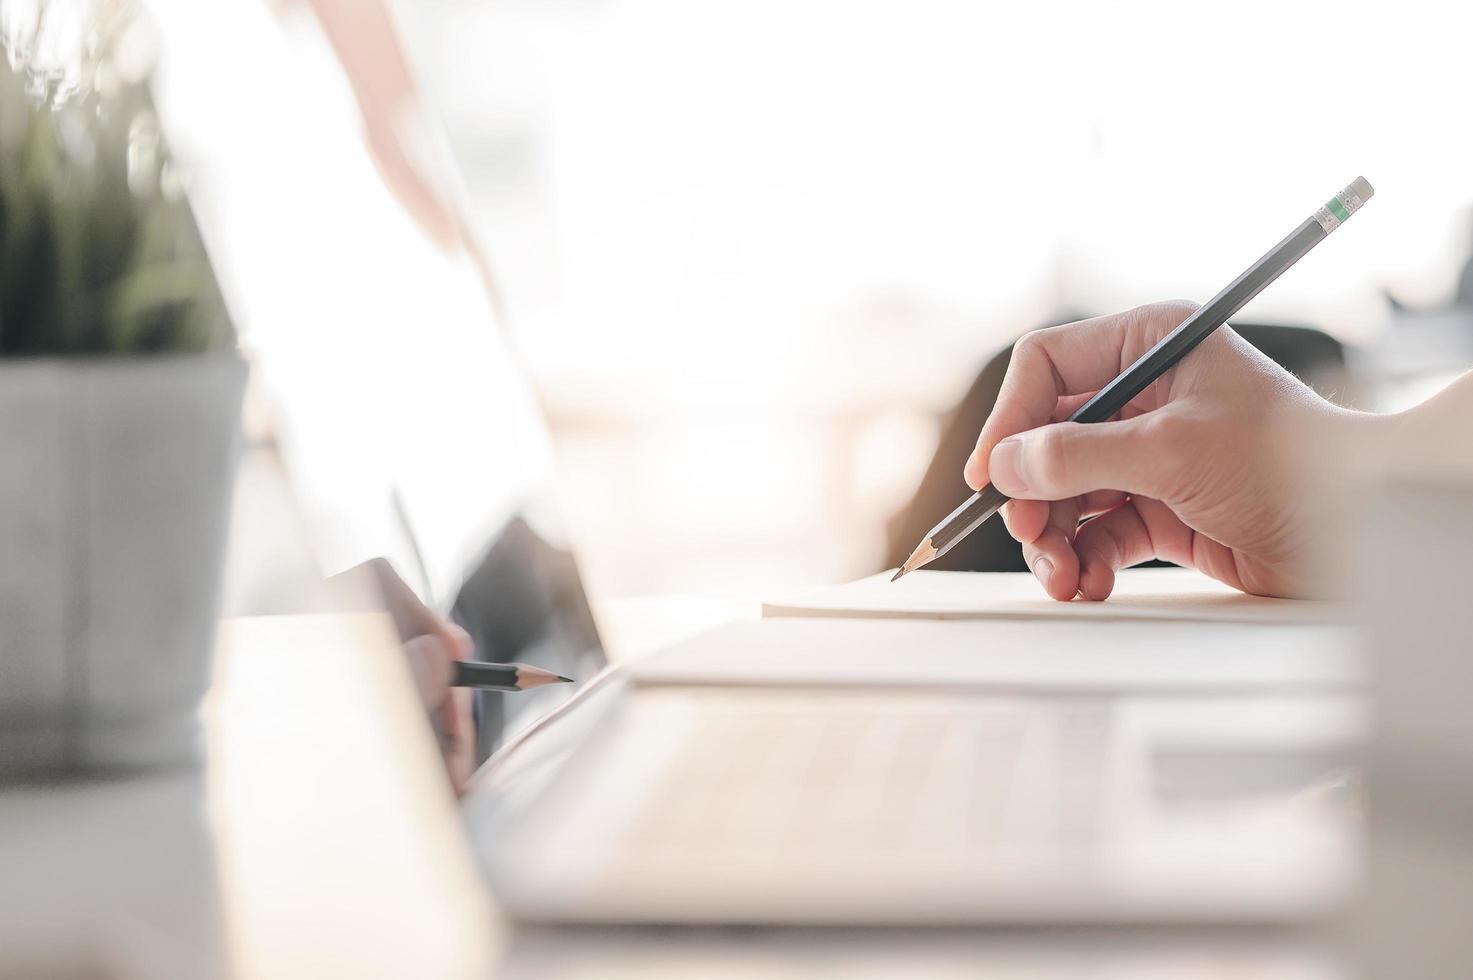 een hand schrijven op laptop met potlood foto